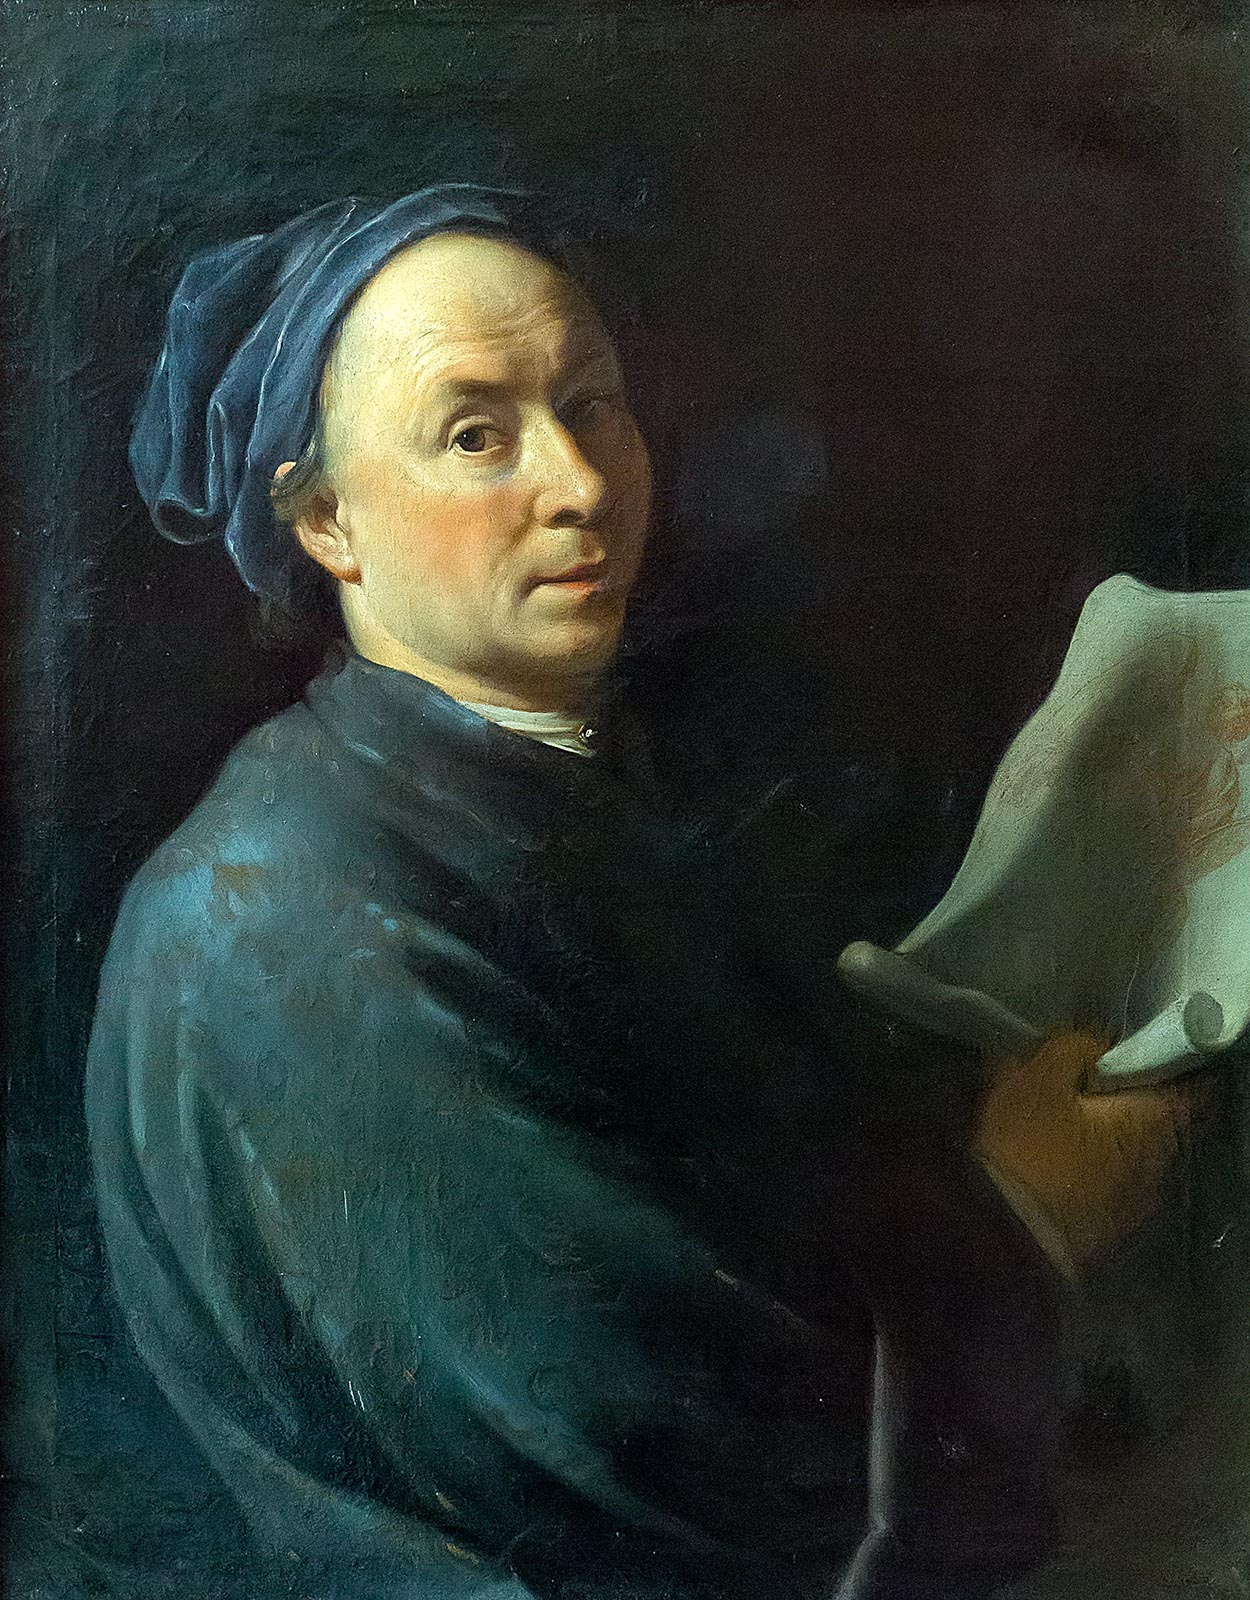 Фото №211291. ЛАРЖИЛЬЕР НИКОЛА ДЕ. 1656- 1746. АВТОПОРТРЕТ